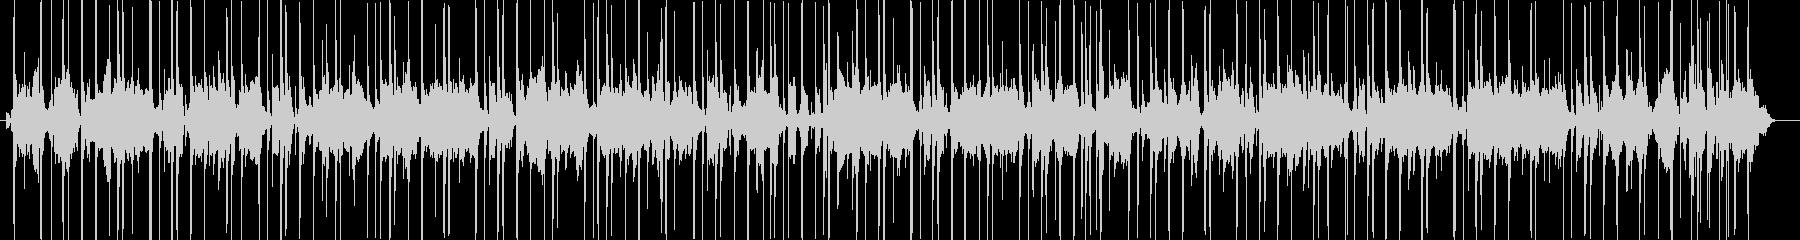 ファンキーなワウのスラップベースの未再生の波形